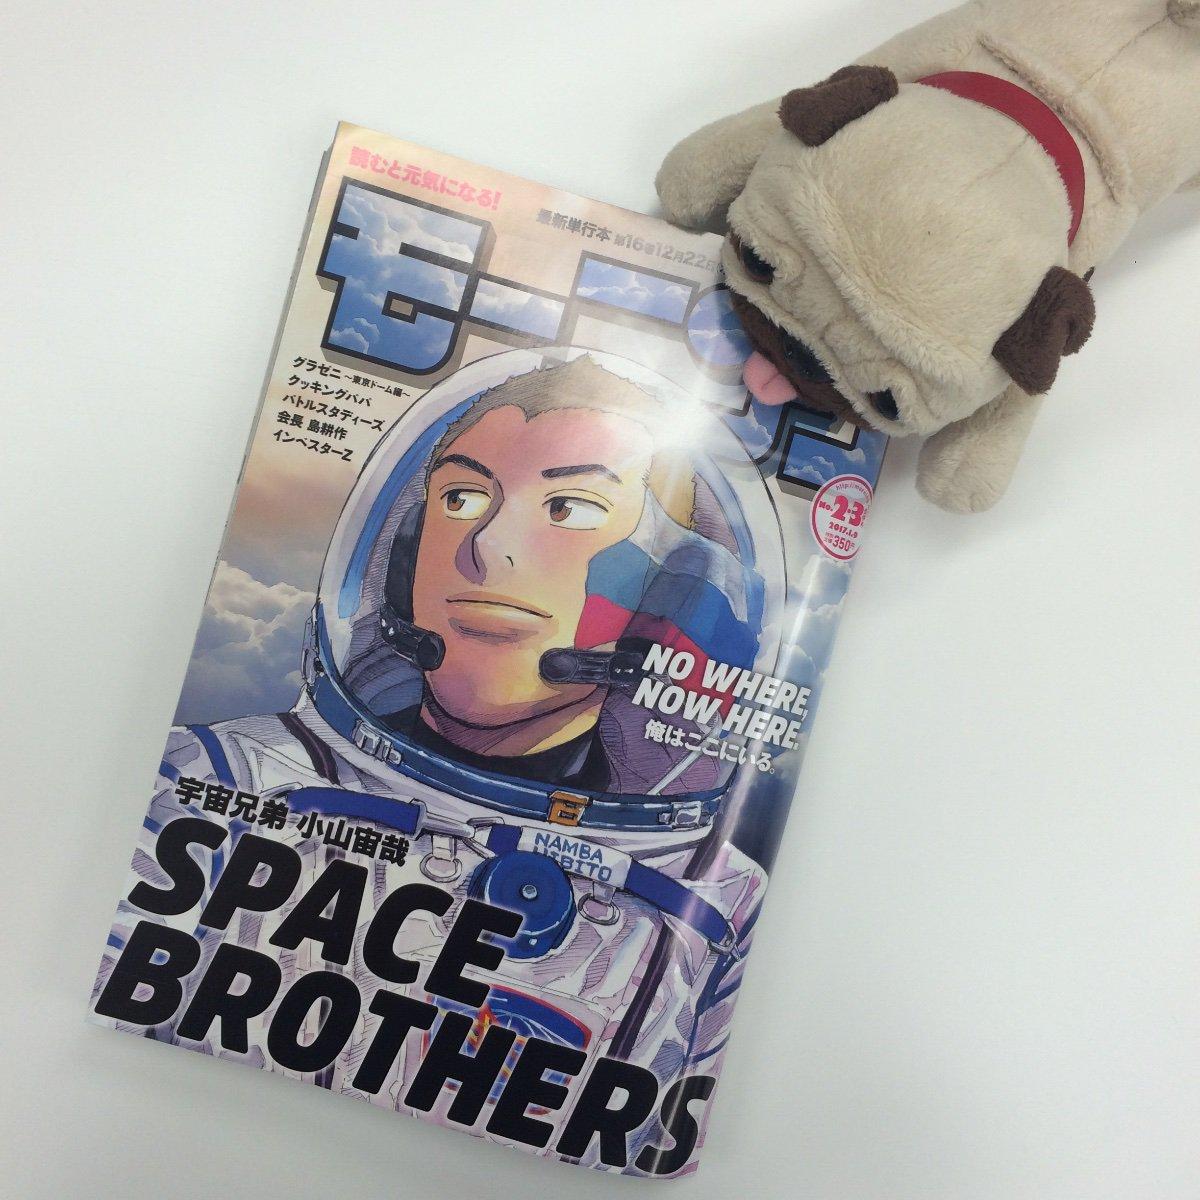 おっはよ〜☀︎今日発売の週刊モーニング、表紙は…『宇宙兄弟』だーーーー!!思わず「ヒビト!久しぶり!」って言いたくなって